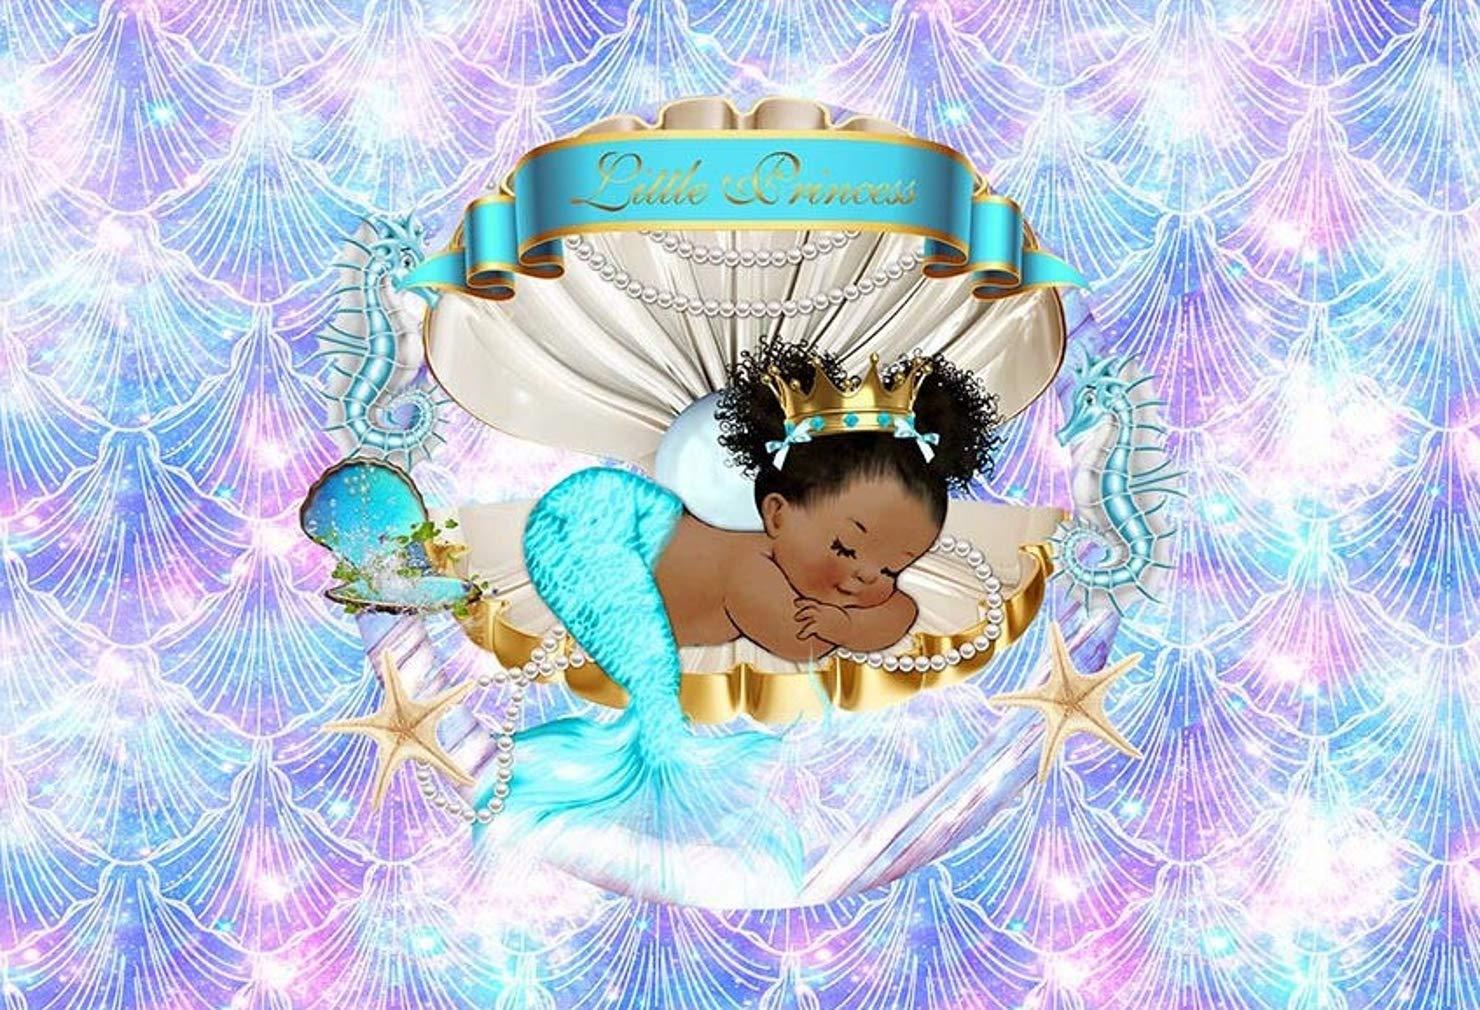 女の子の赤ちゃんのプリンセス用背景幕 誕生日パーティー ロマンチックなマーメイドシェルスケール ベビーシャワー 背景 写真スタジオ小道具 7x5フィート   B07GR73V79